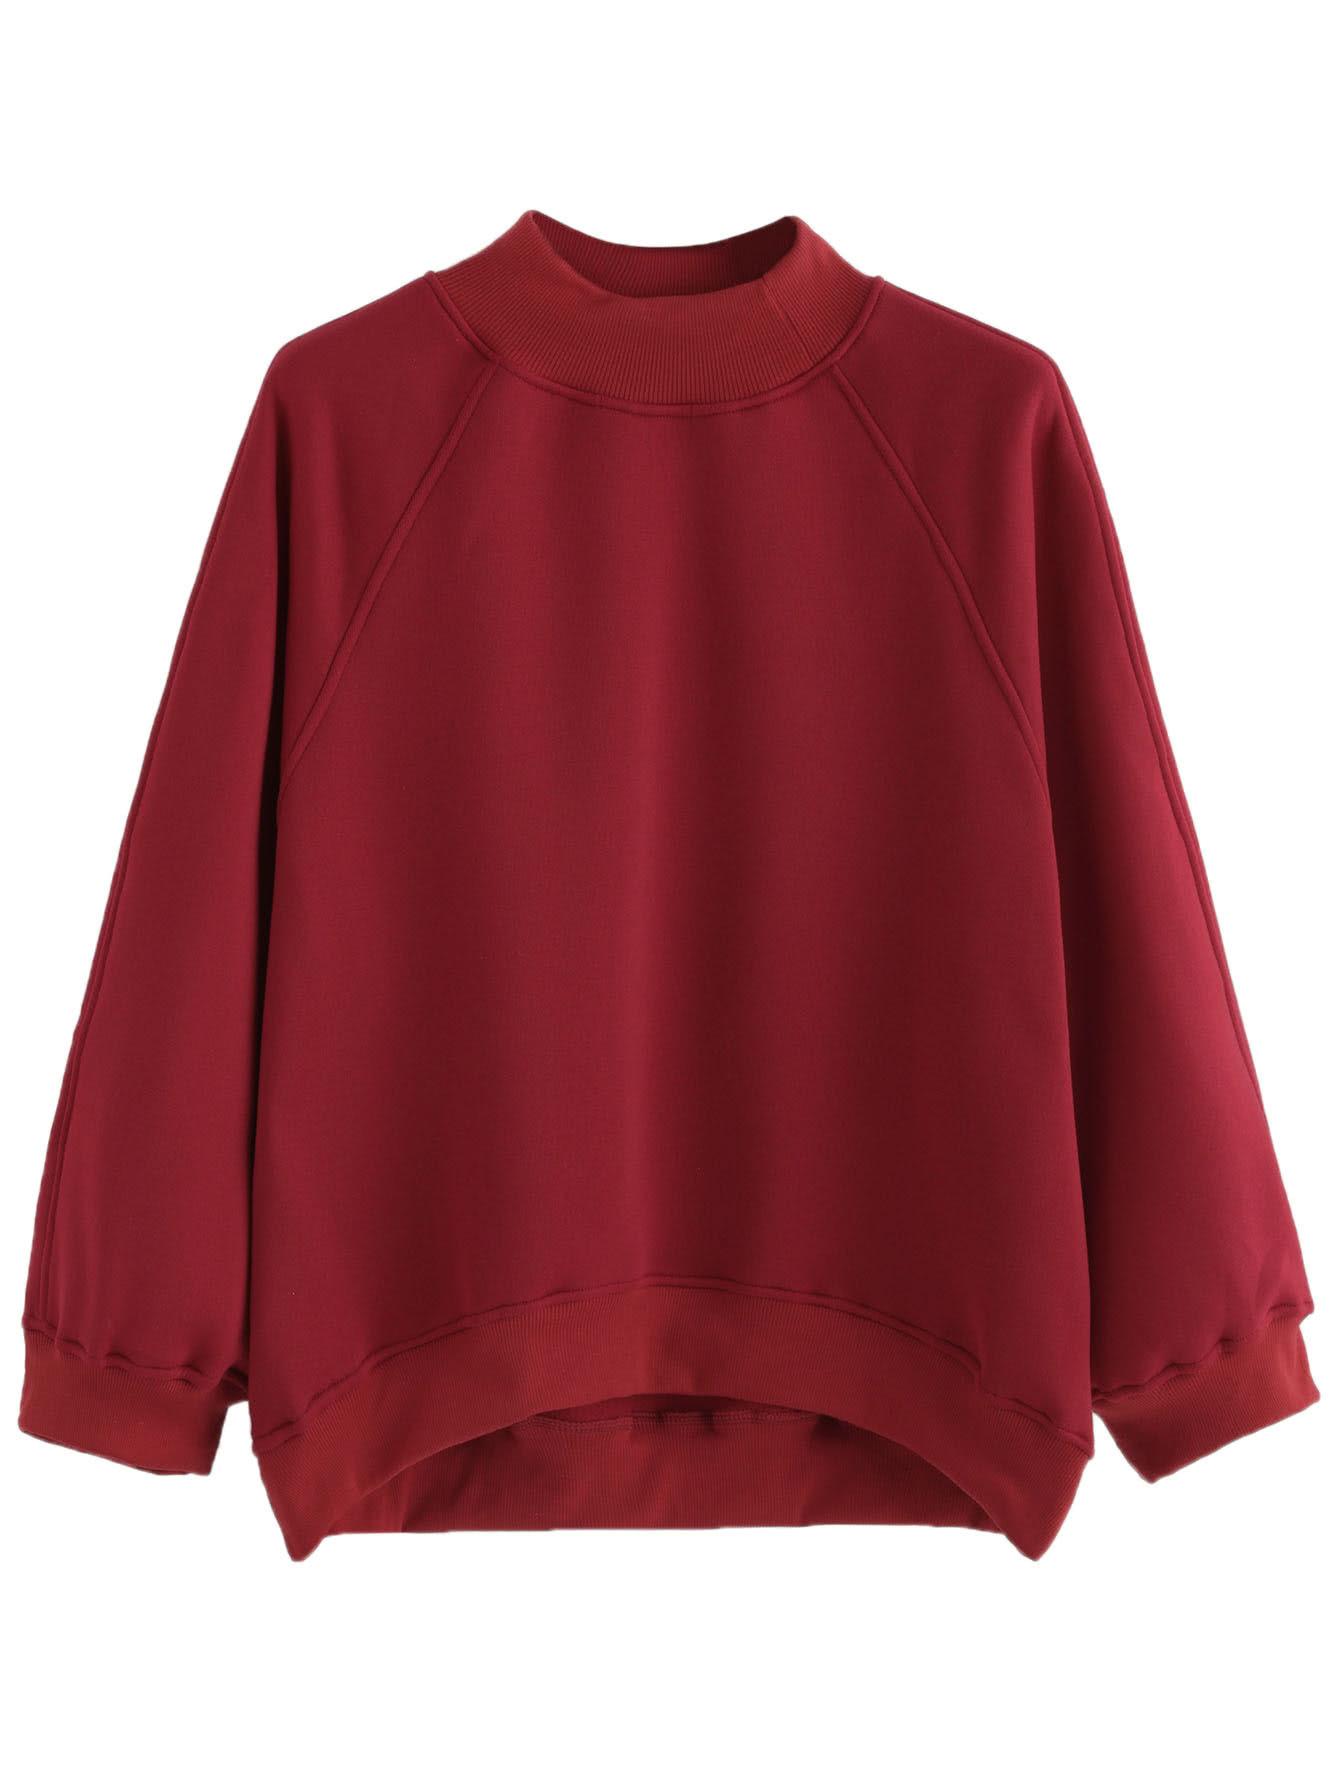 Burgundy Raglan Sleeve Dip Hem Sweatshirt two tone raglan sleeve sweatshirt